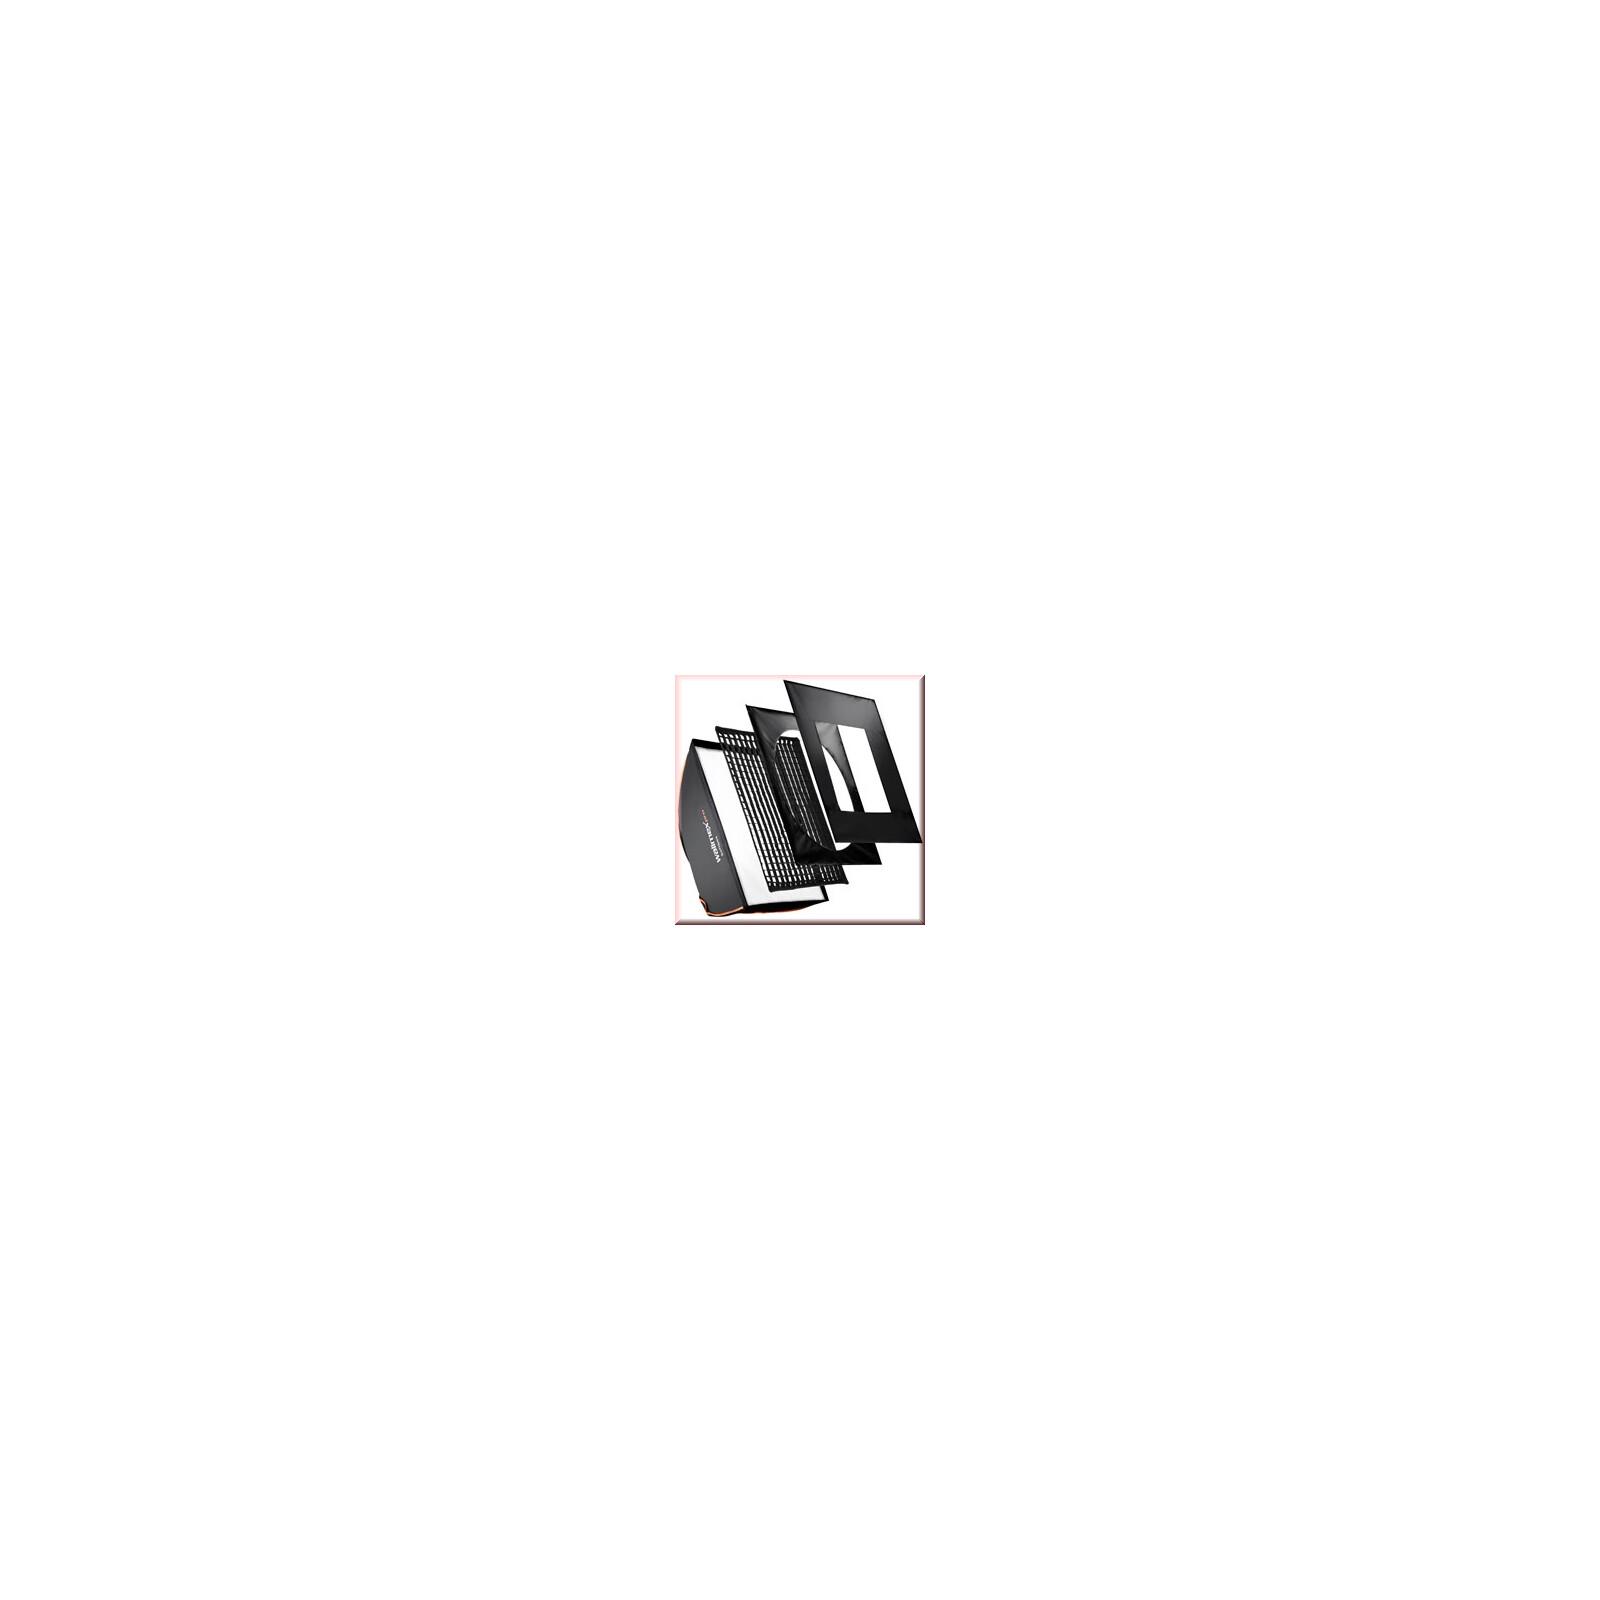 walimex pro Softbox PLUS OL 75x150cm Multiblitz V